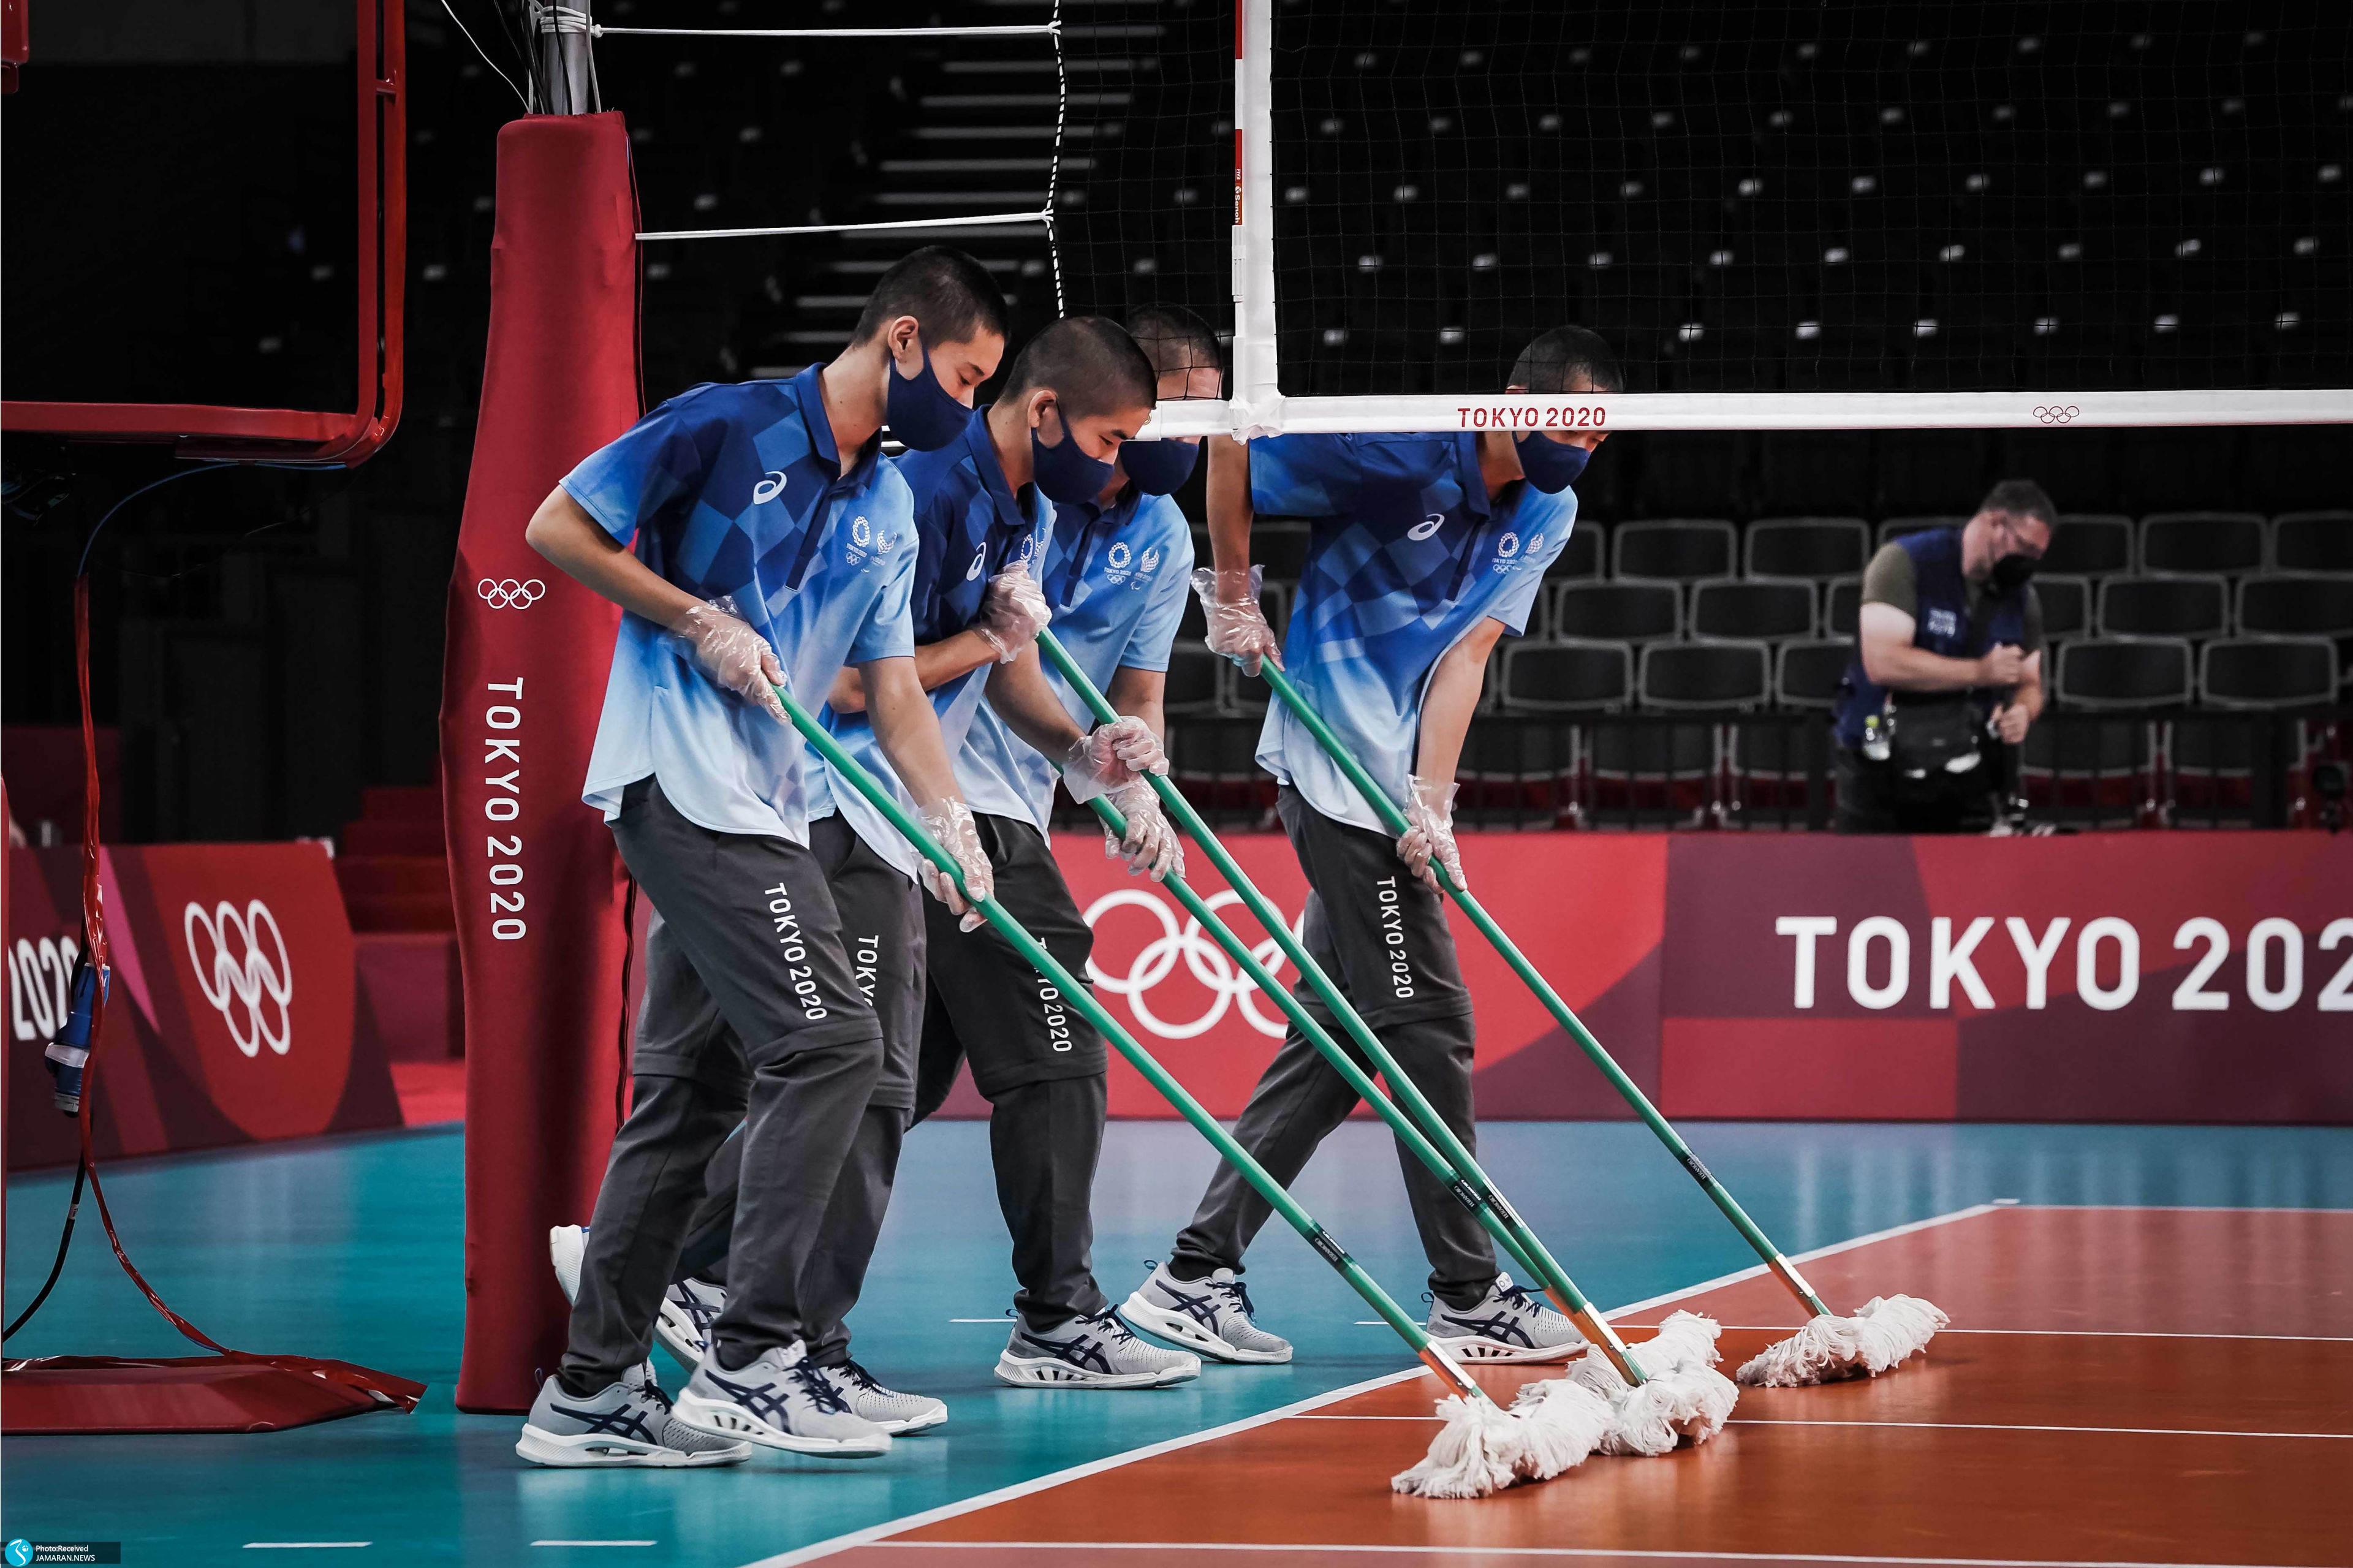 والیبال ایران و ژاپن در المپیک